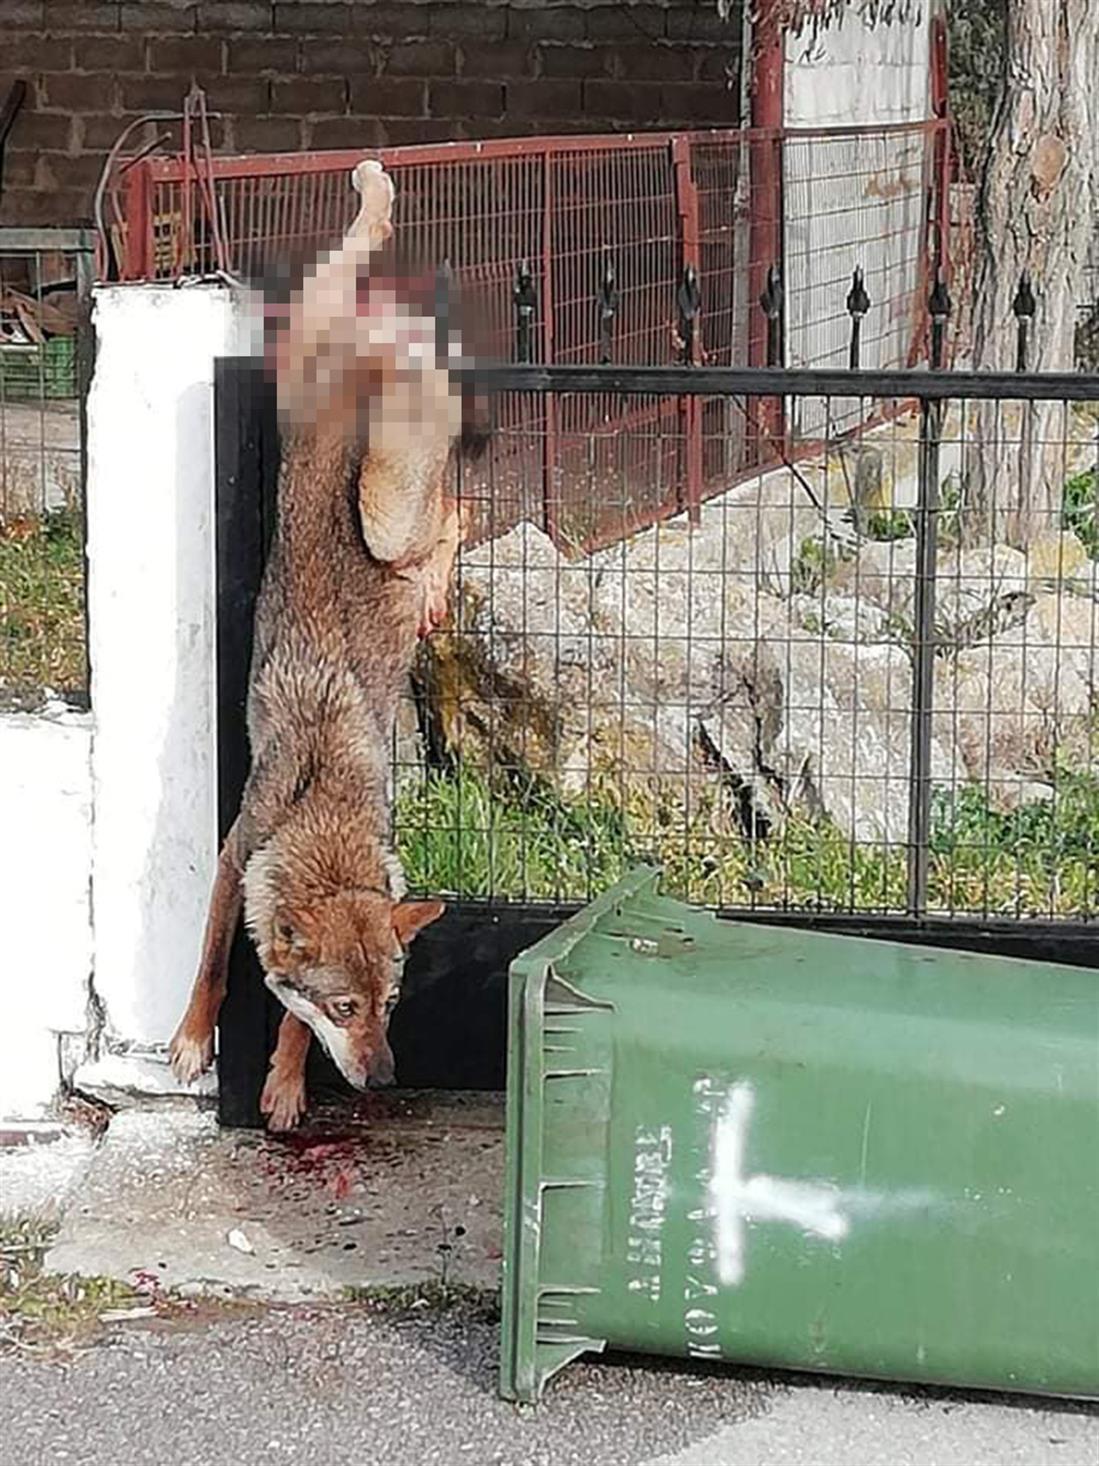 Θεσσαλονίκη - λύκος - κάγκελα